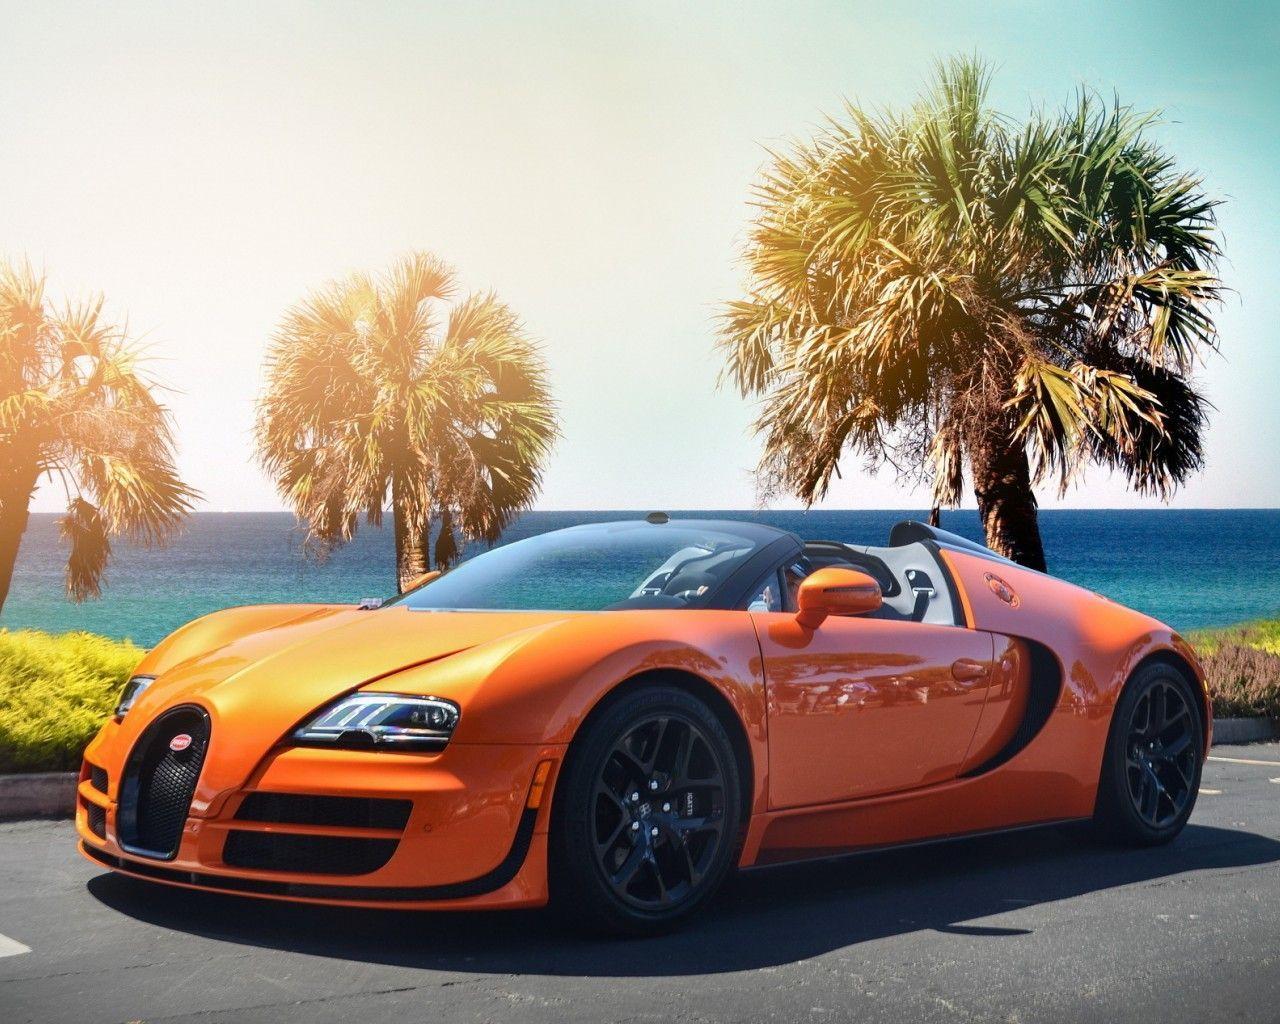 Pin By Mari On Rides Bugatti Veyron Bugatti Cars Bugatti